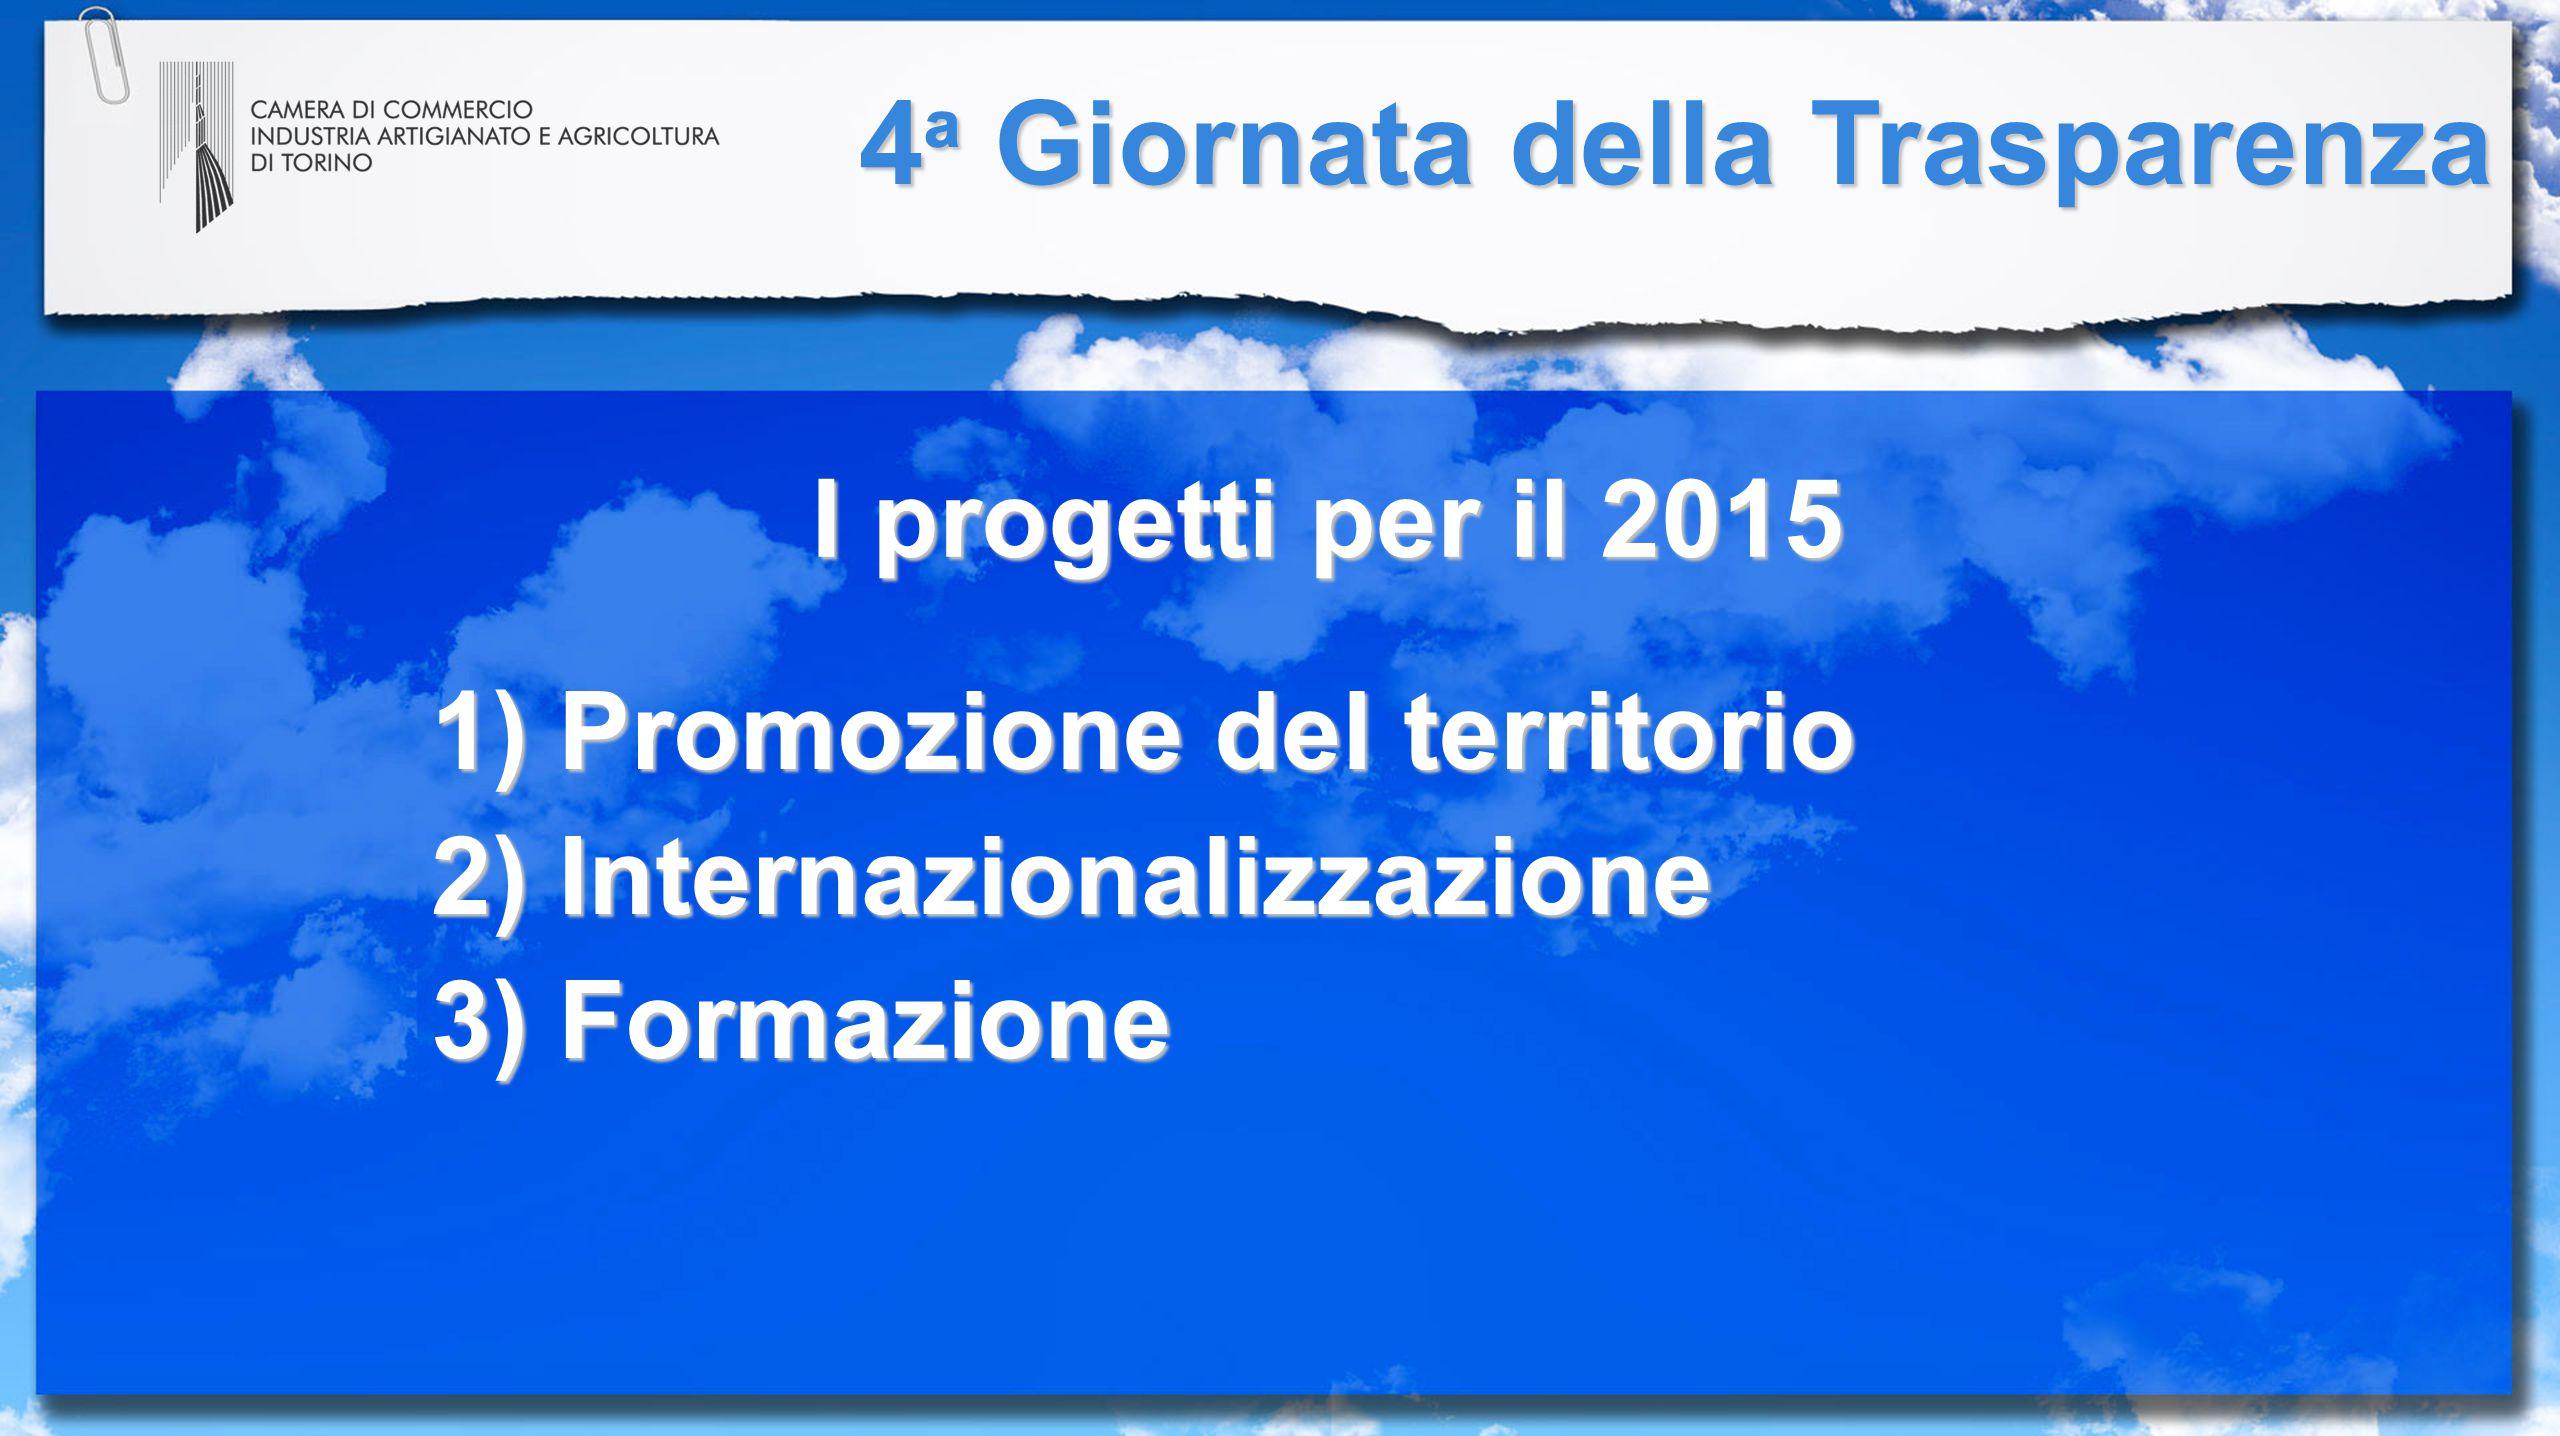 4 ª Giornata della Trasparenza I progetti per il 2015 1) Promozione del territorio 2) Internazionalizzazione 3) Formazione